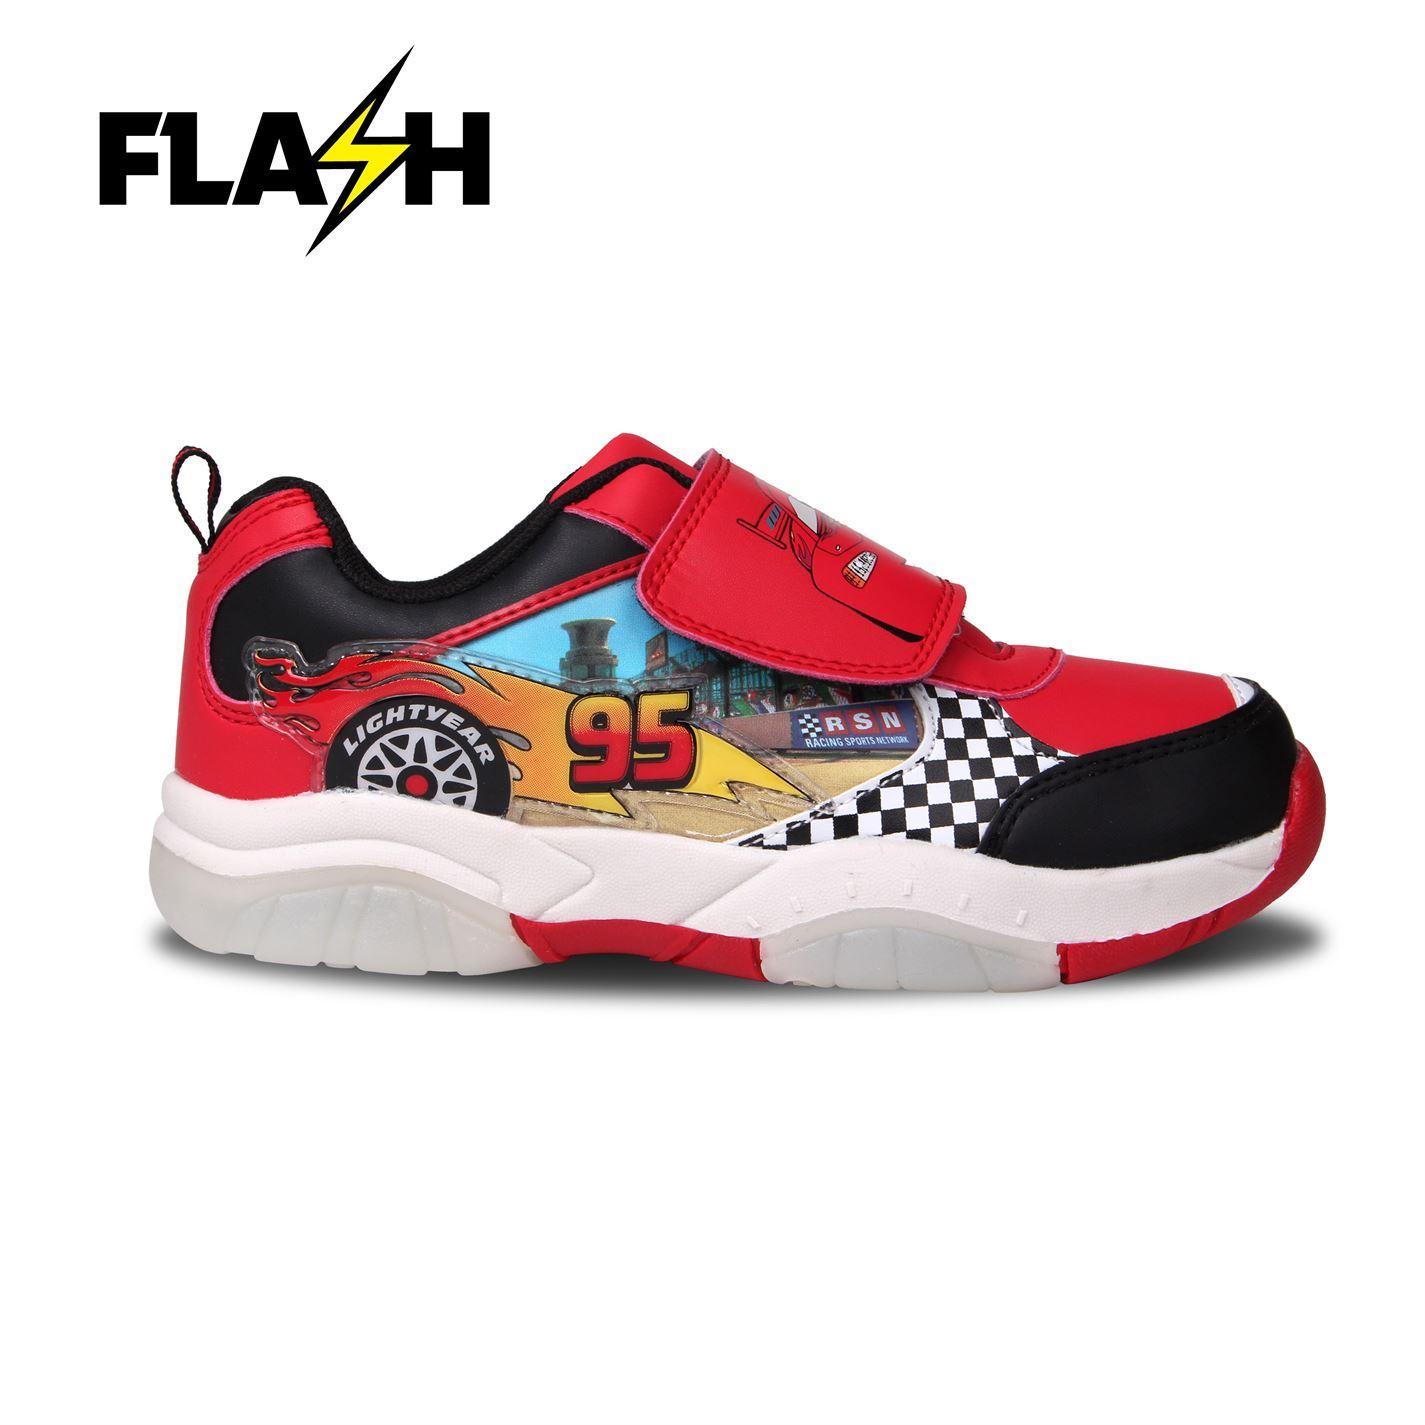 Détails sur Disney Cars Clair dessus Flash Baskets RougeNoir Chaussures